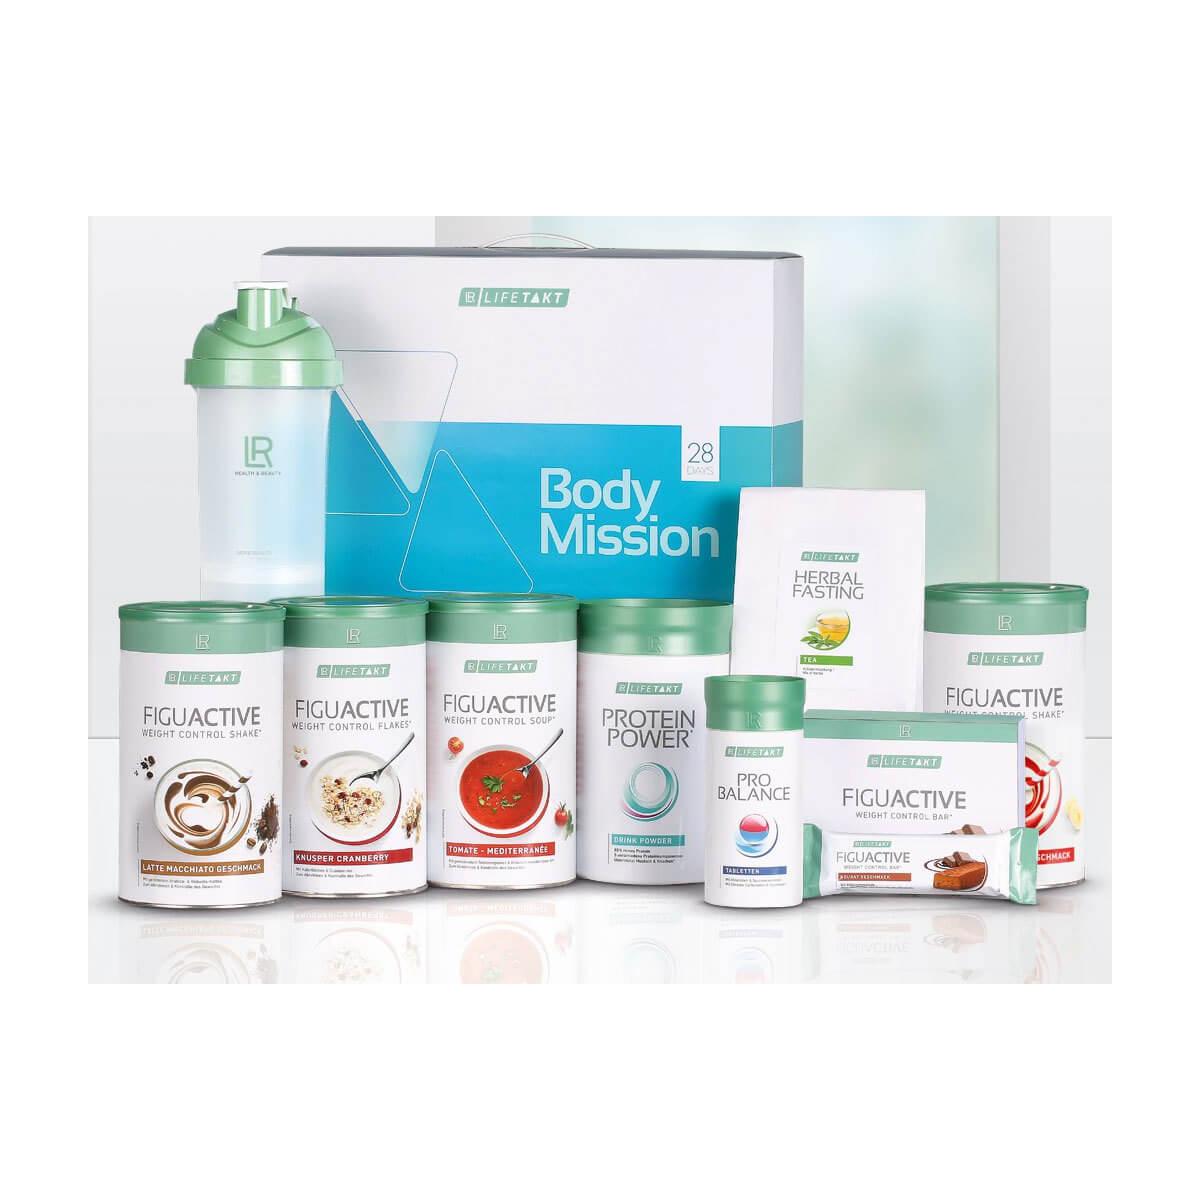 Pakket bestaat uit verschillende producten zodat je alles hebt in 1 pakket